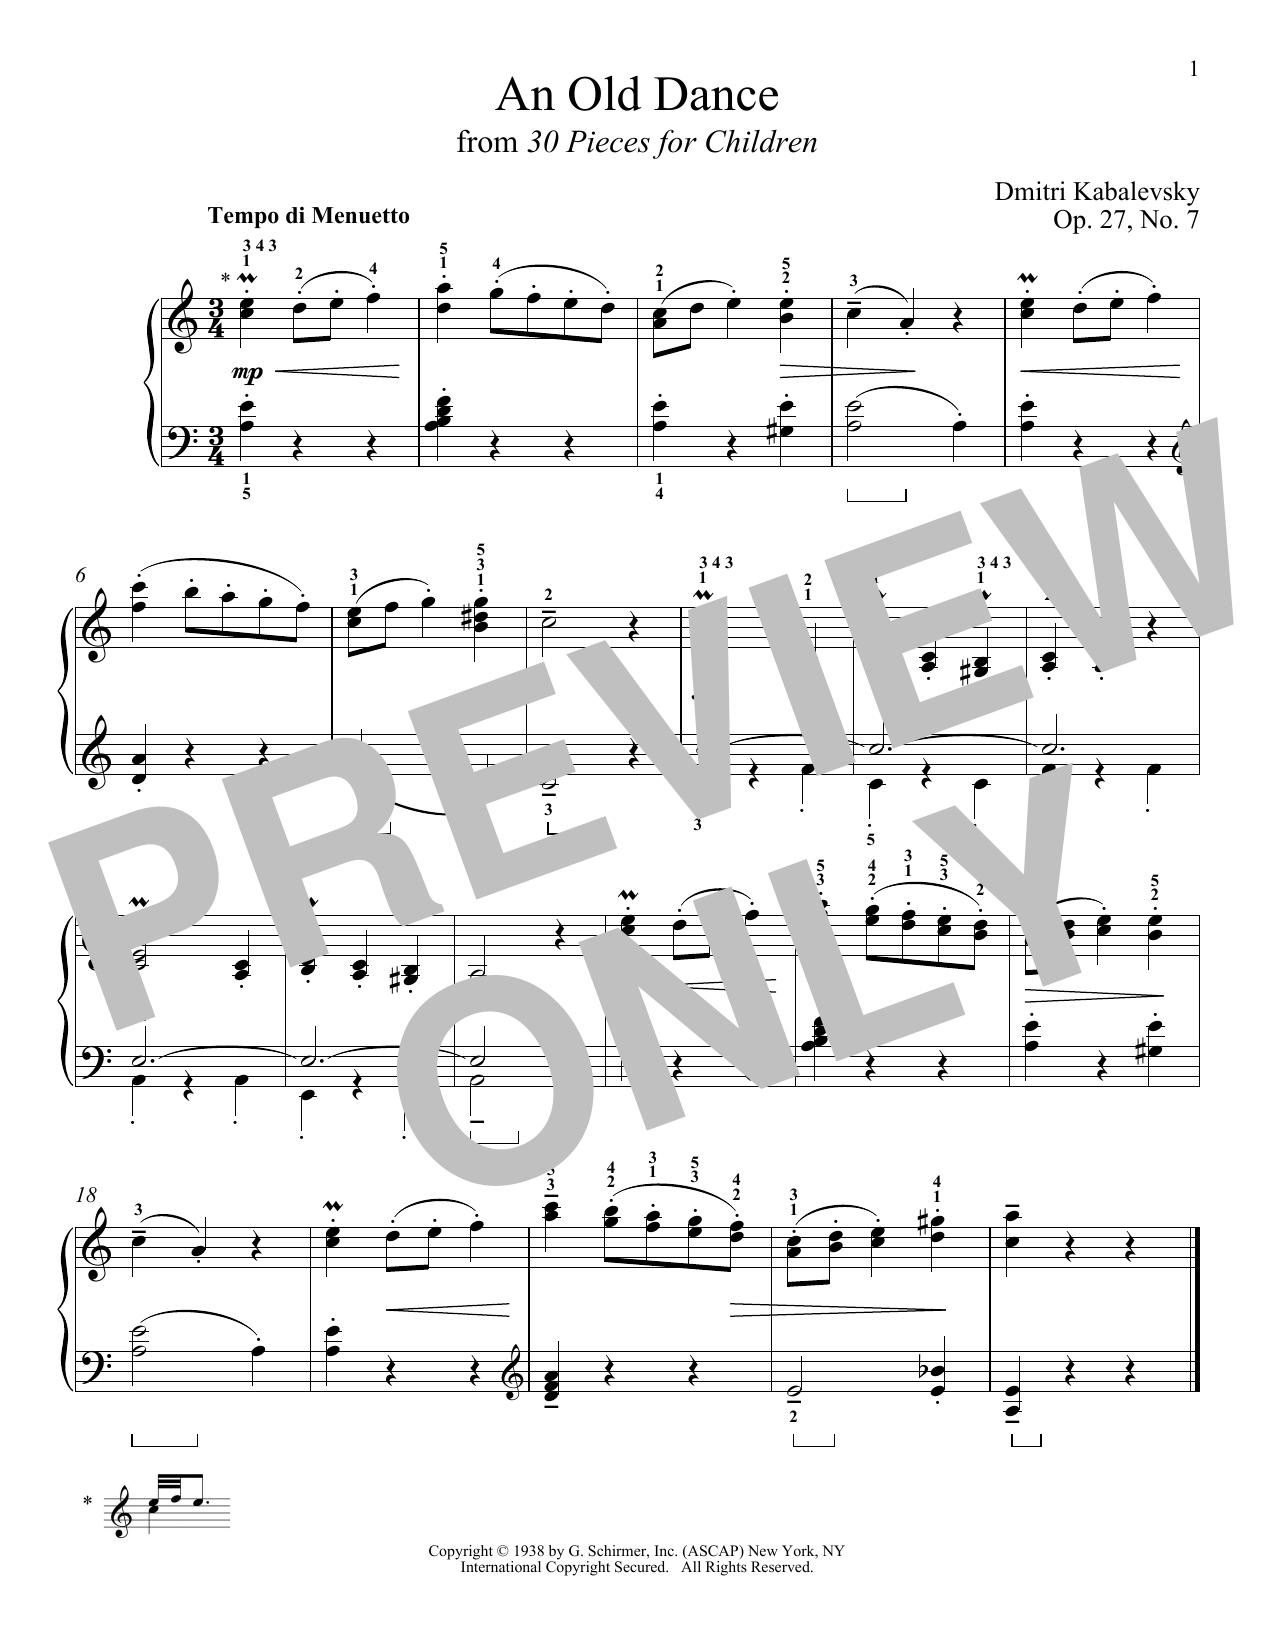 An Old Dance, Op. 27, No. 7 Sheet Music